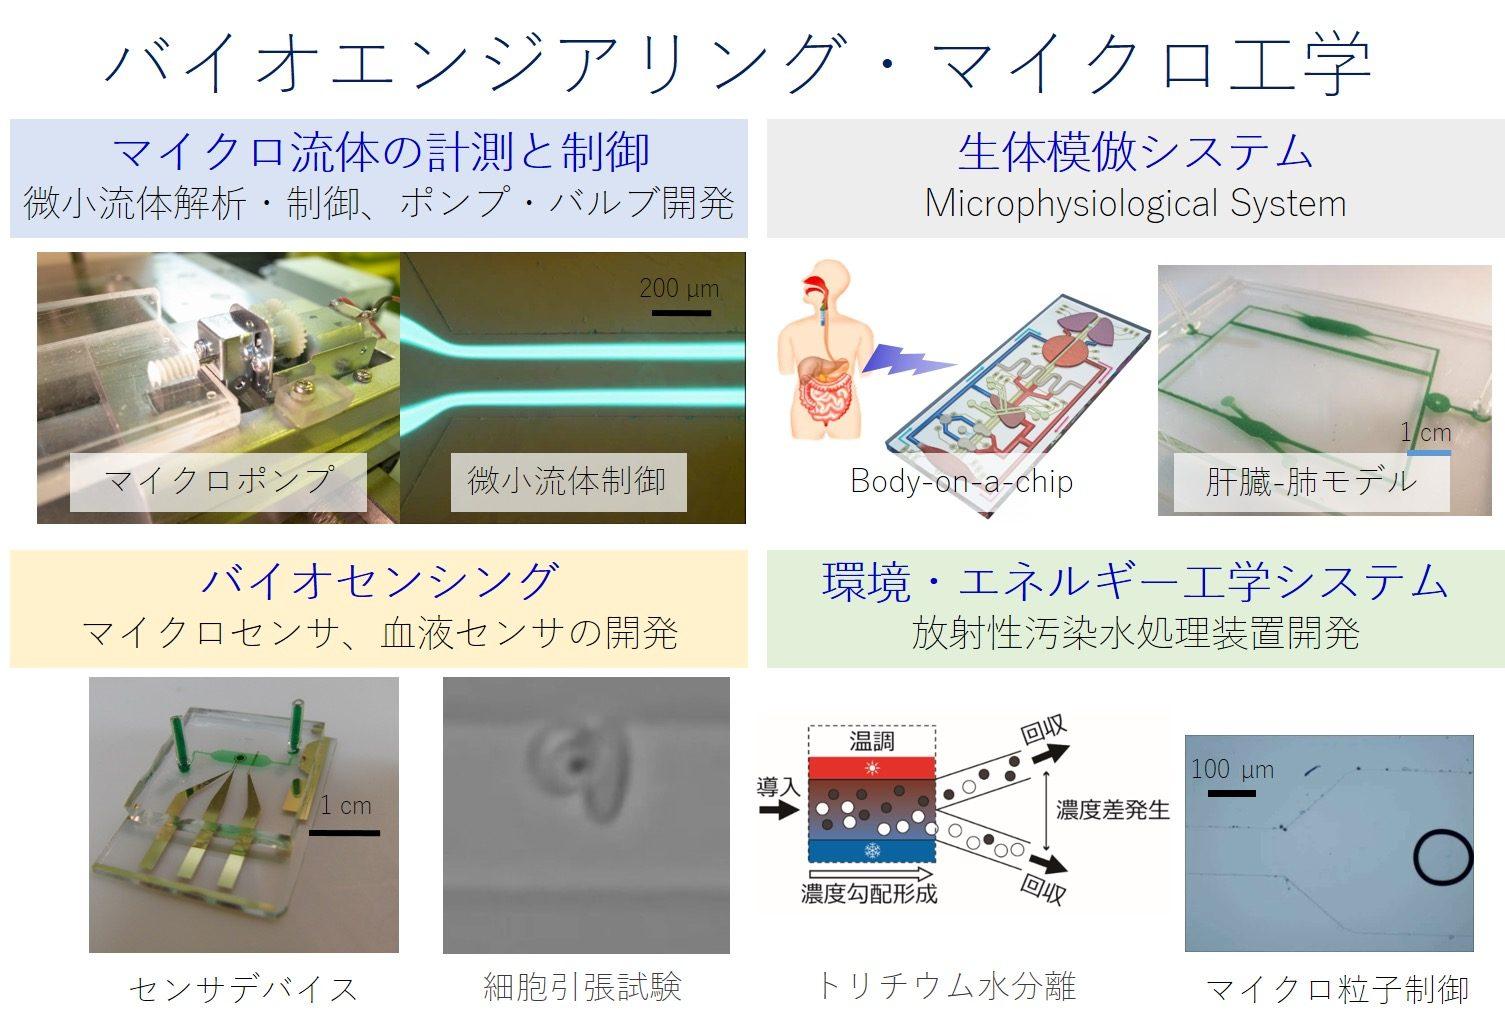 医療・創薬のための生体模倣システムの開発